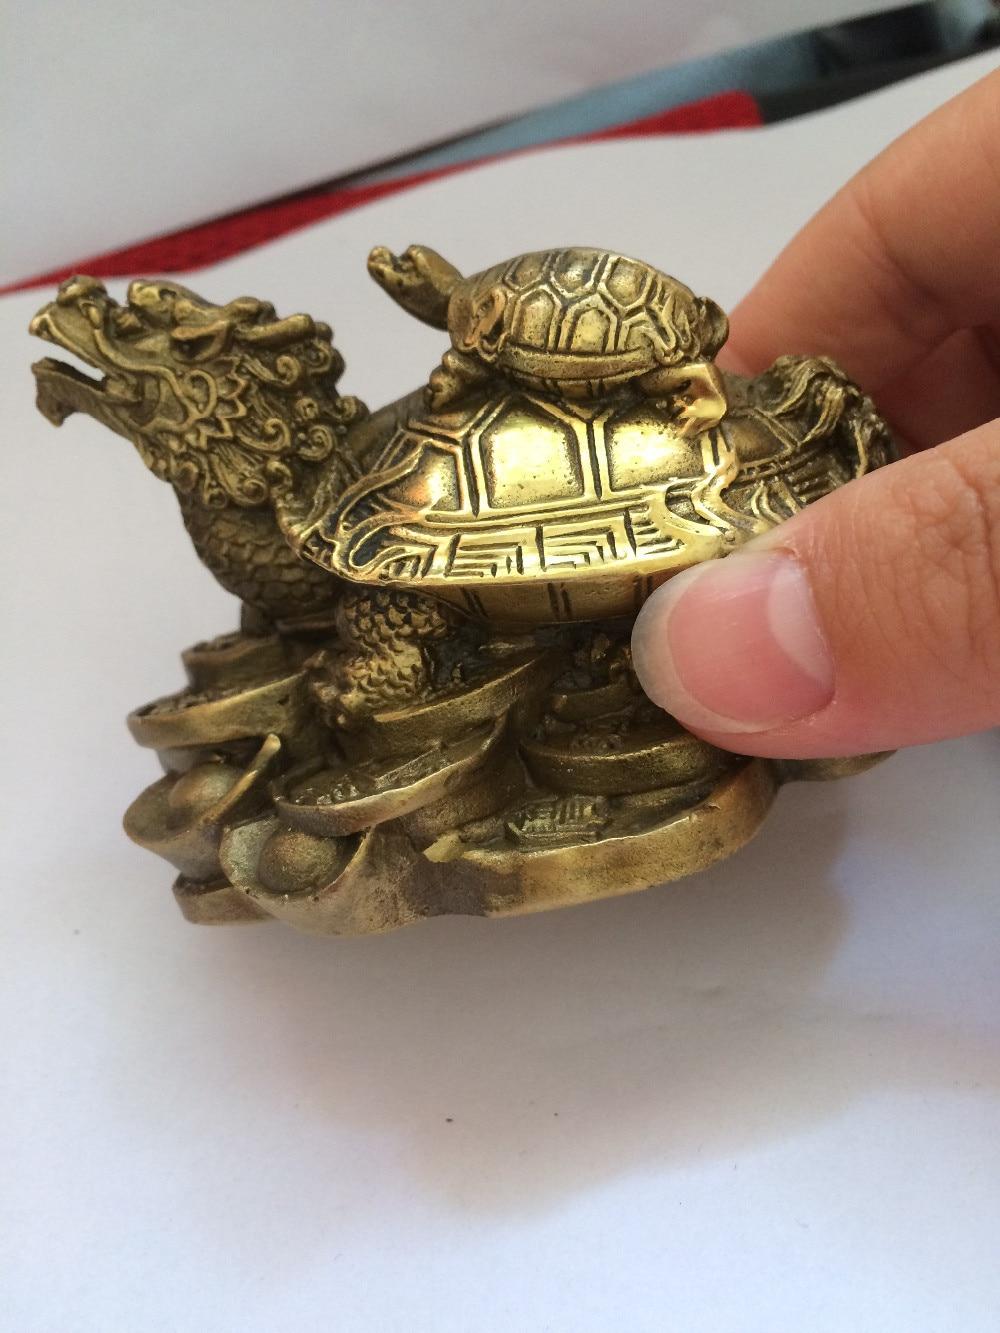 TNUKK chinois laiton richesse argent pièce lingot dragon tortue tortue longévité statue décoration - 5